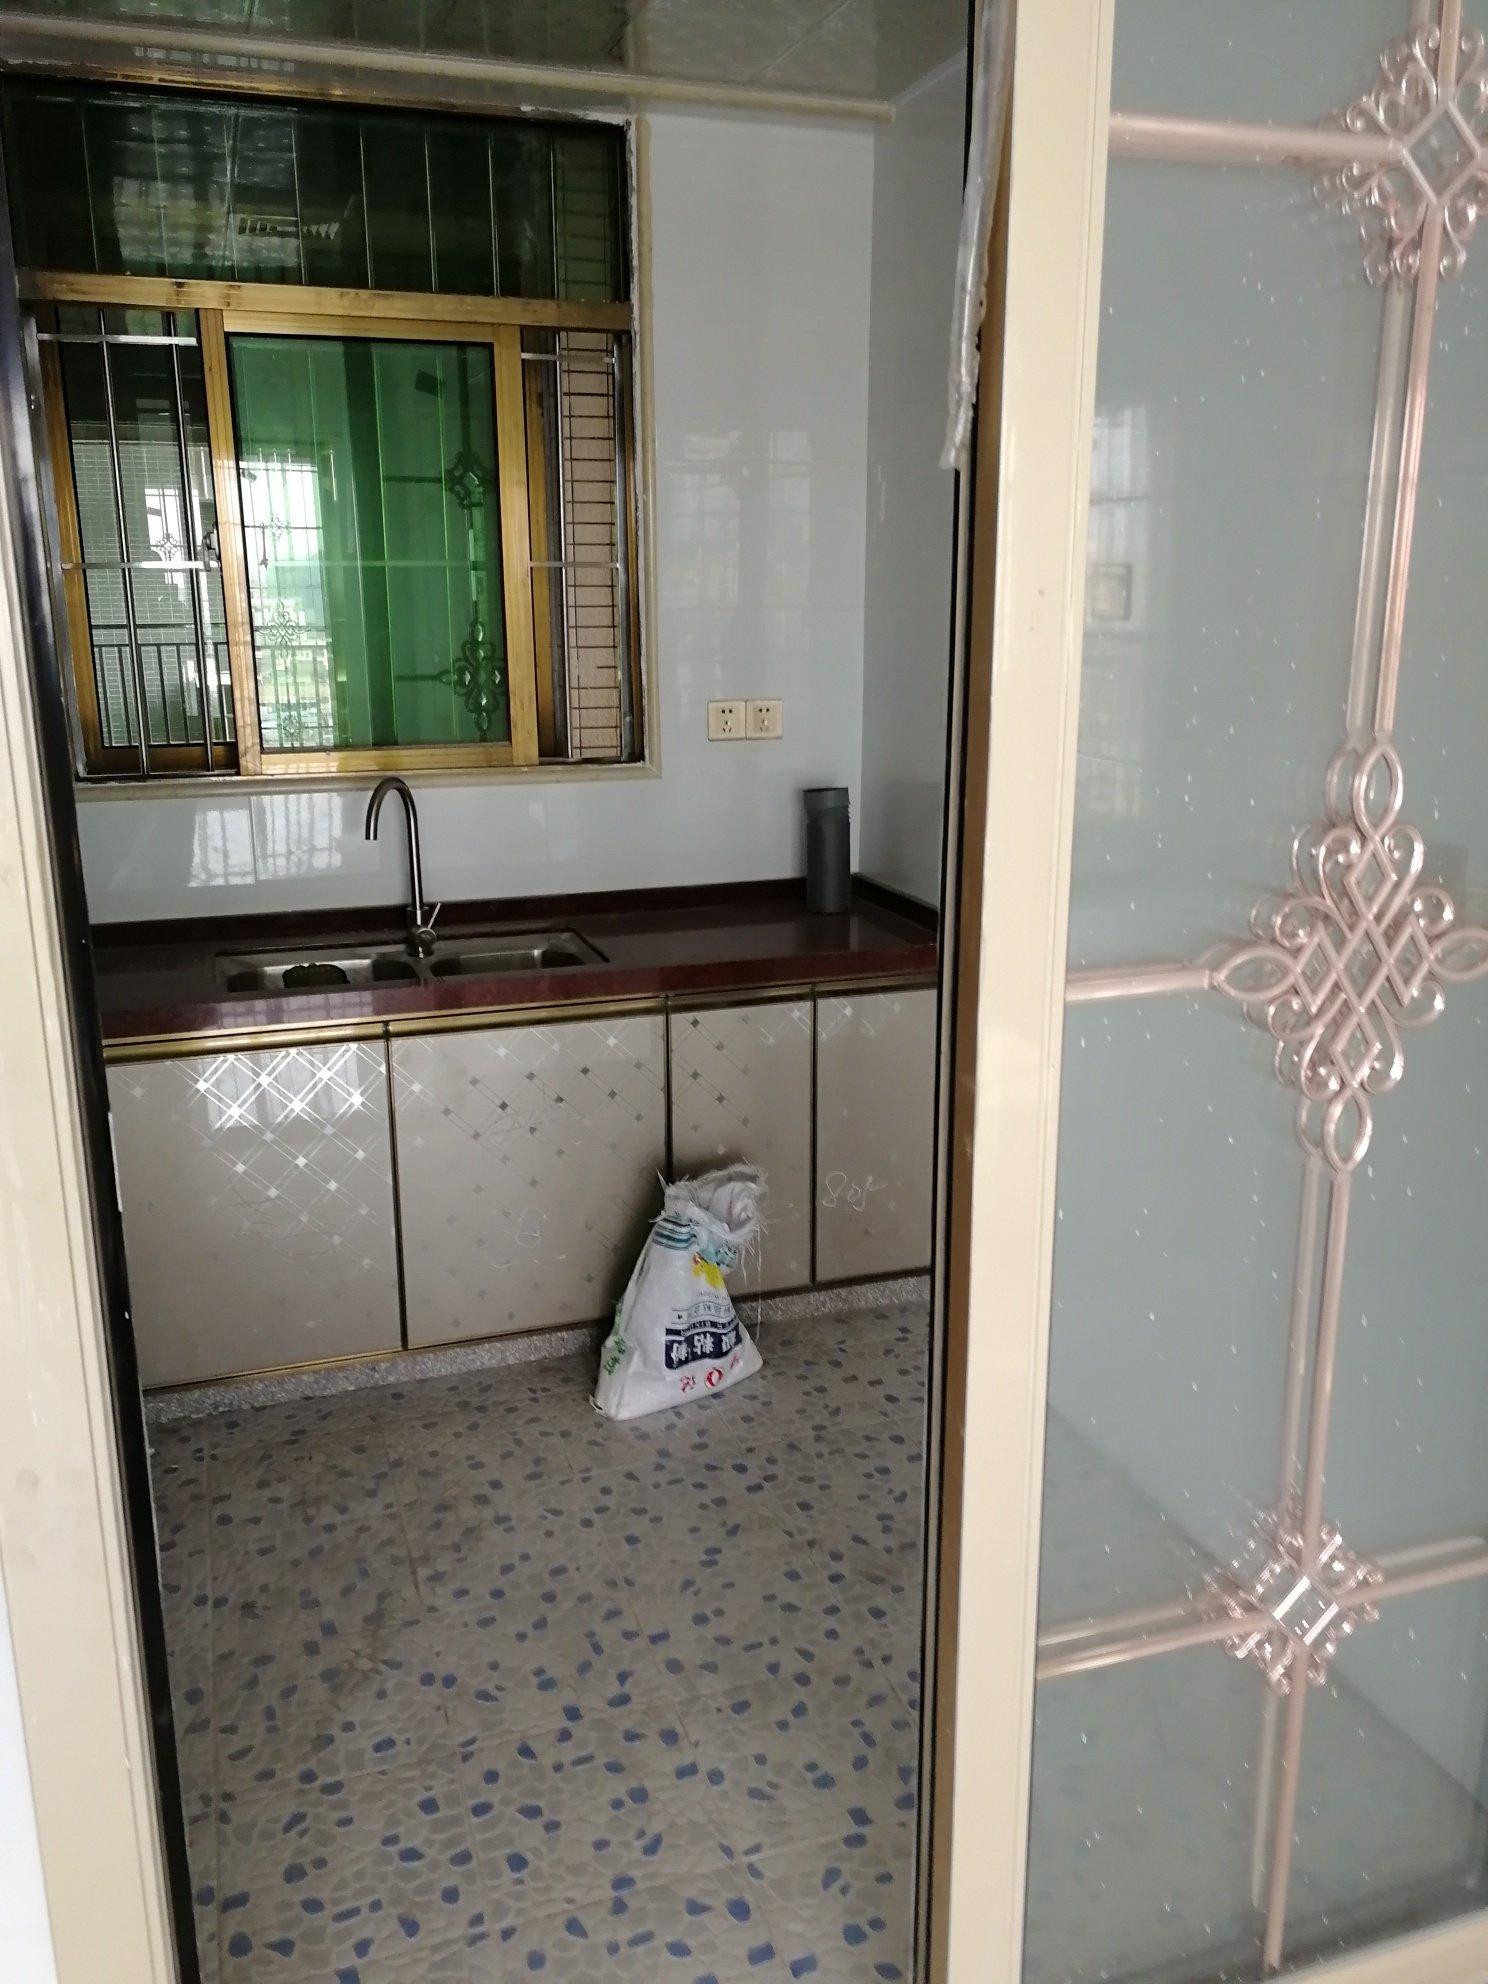 我四房二厅二卫生间改成二套二房一厅,要多少钱装修